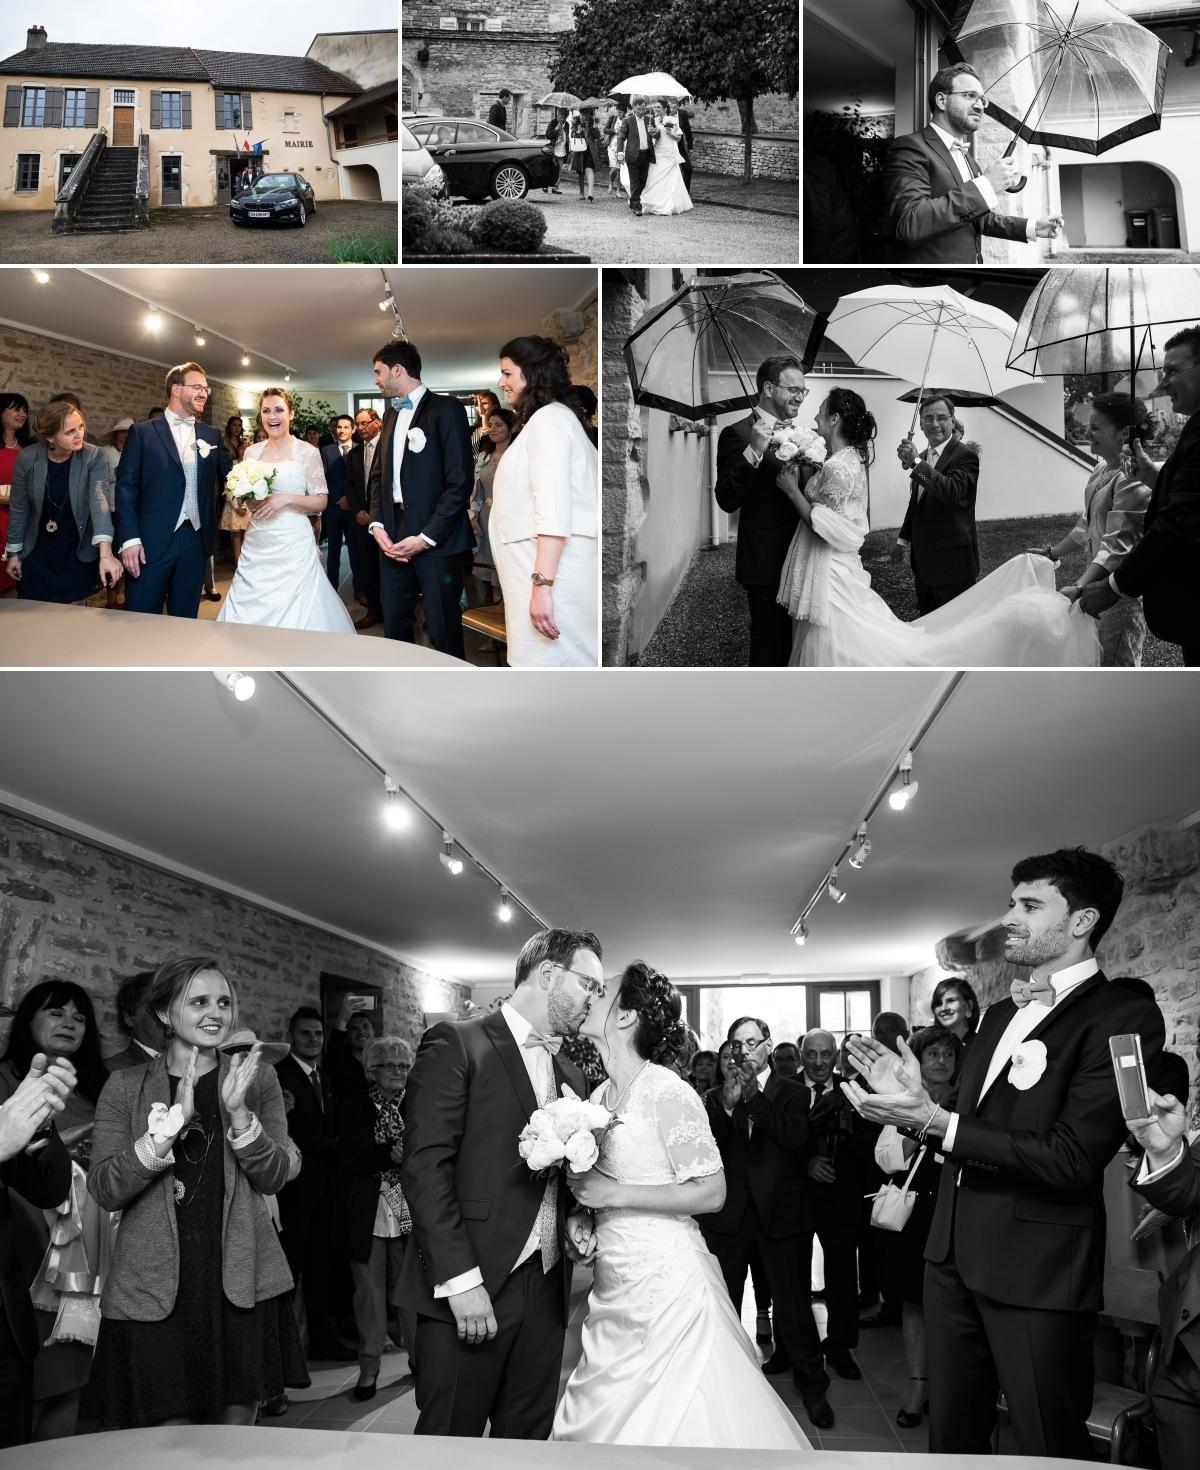 Mariage à Auxey-Duresses - Côte de Beaune - Bourgogne - Sonia Blanc photographe